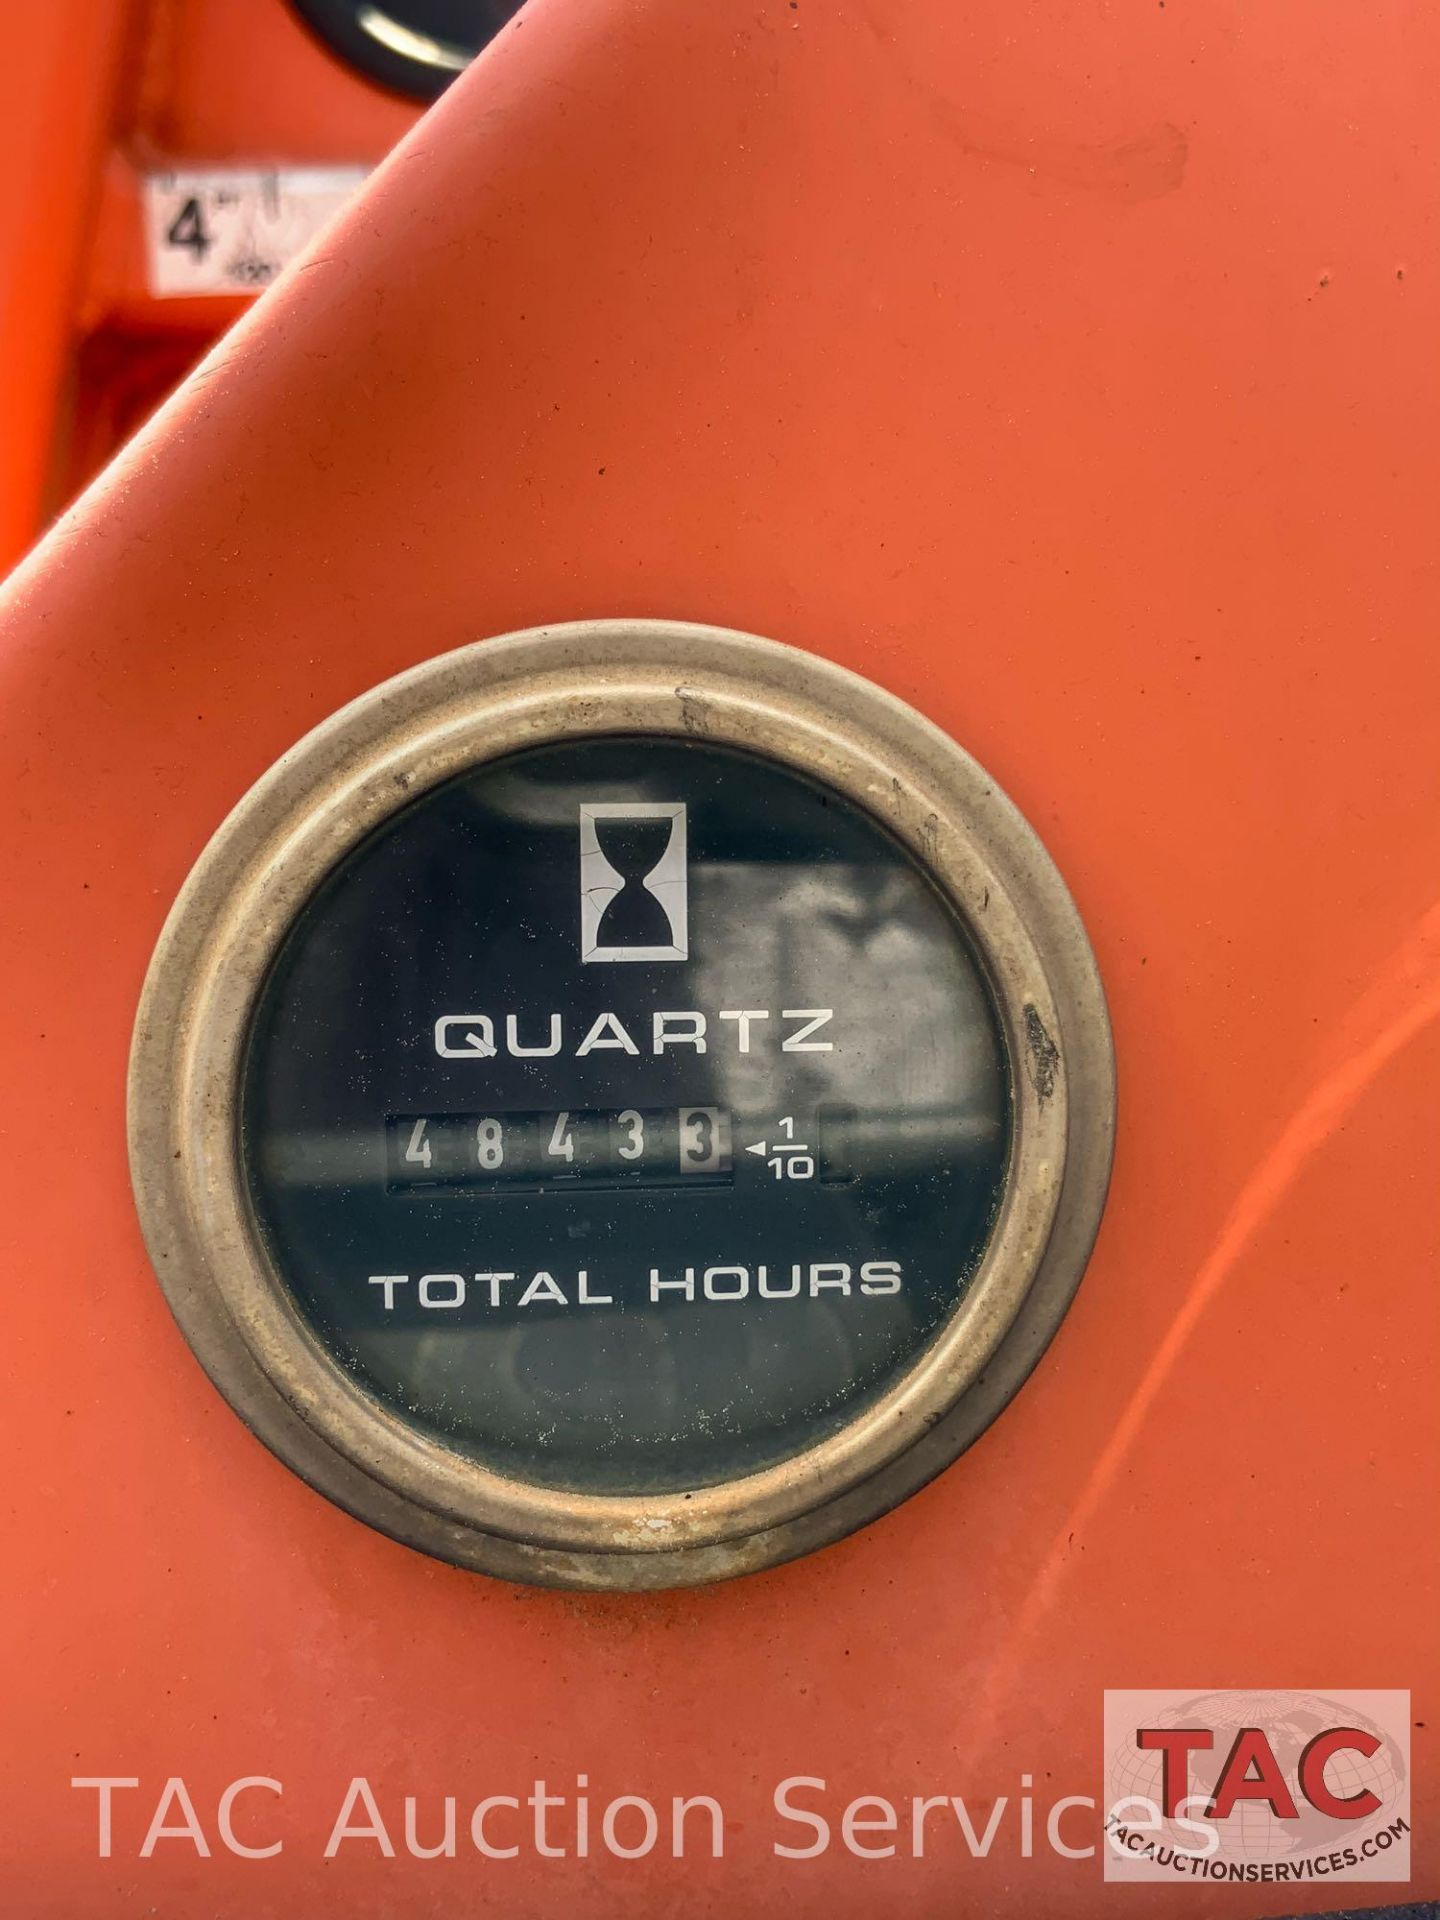 2007 JLG LULL Telehander Forklift - Image 17 of 25